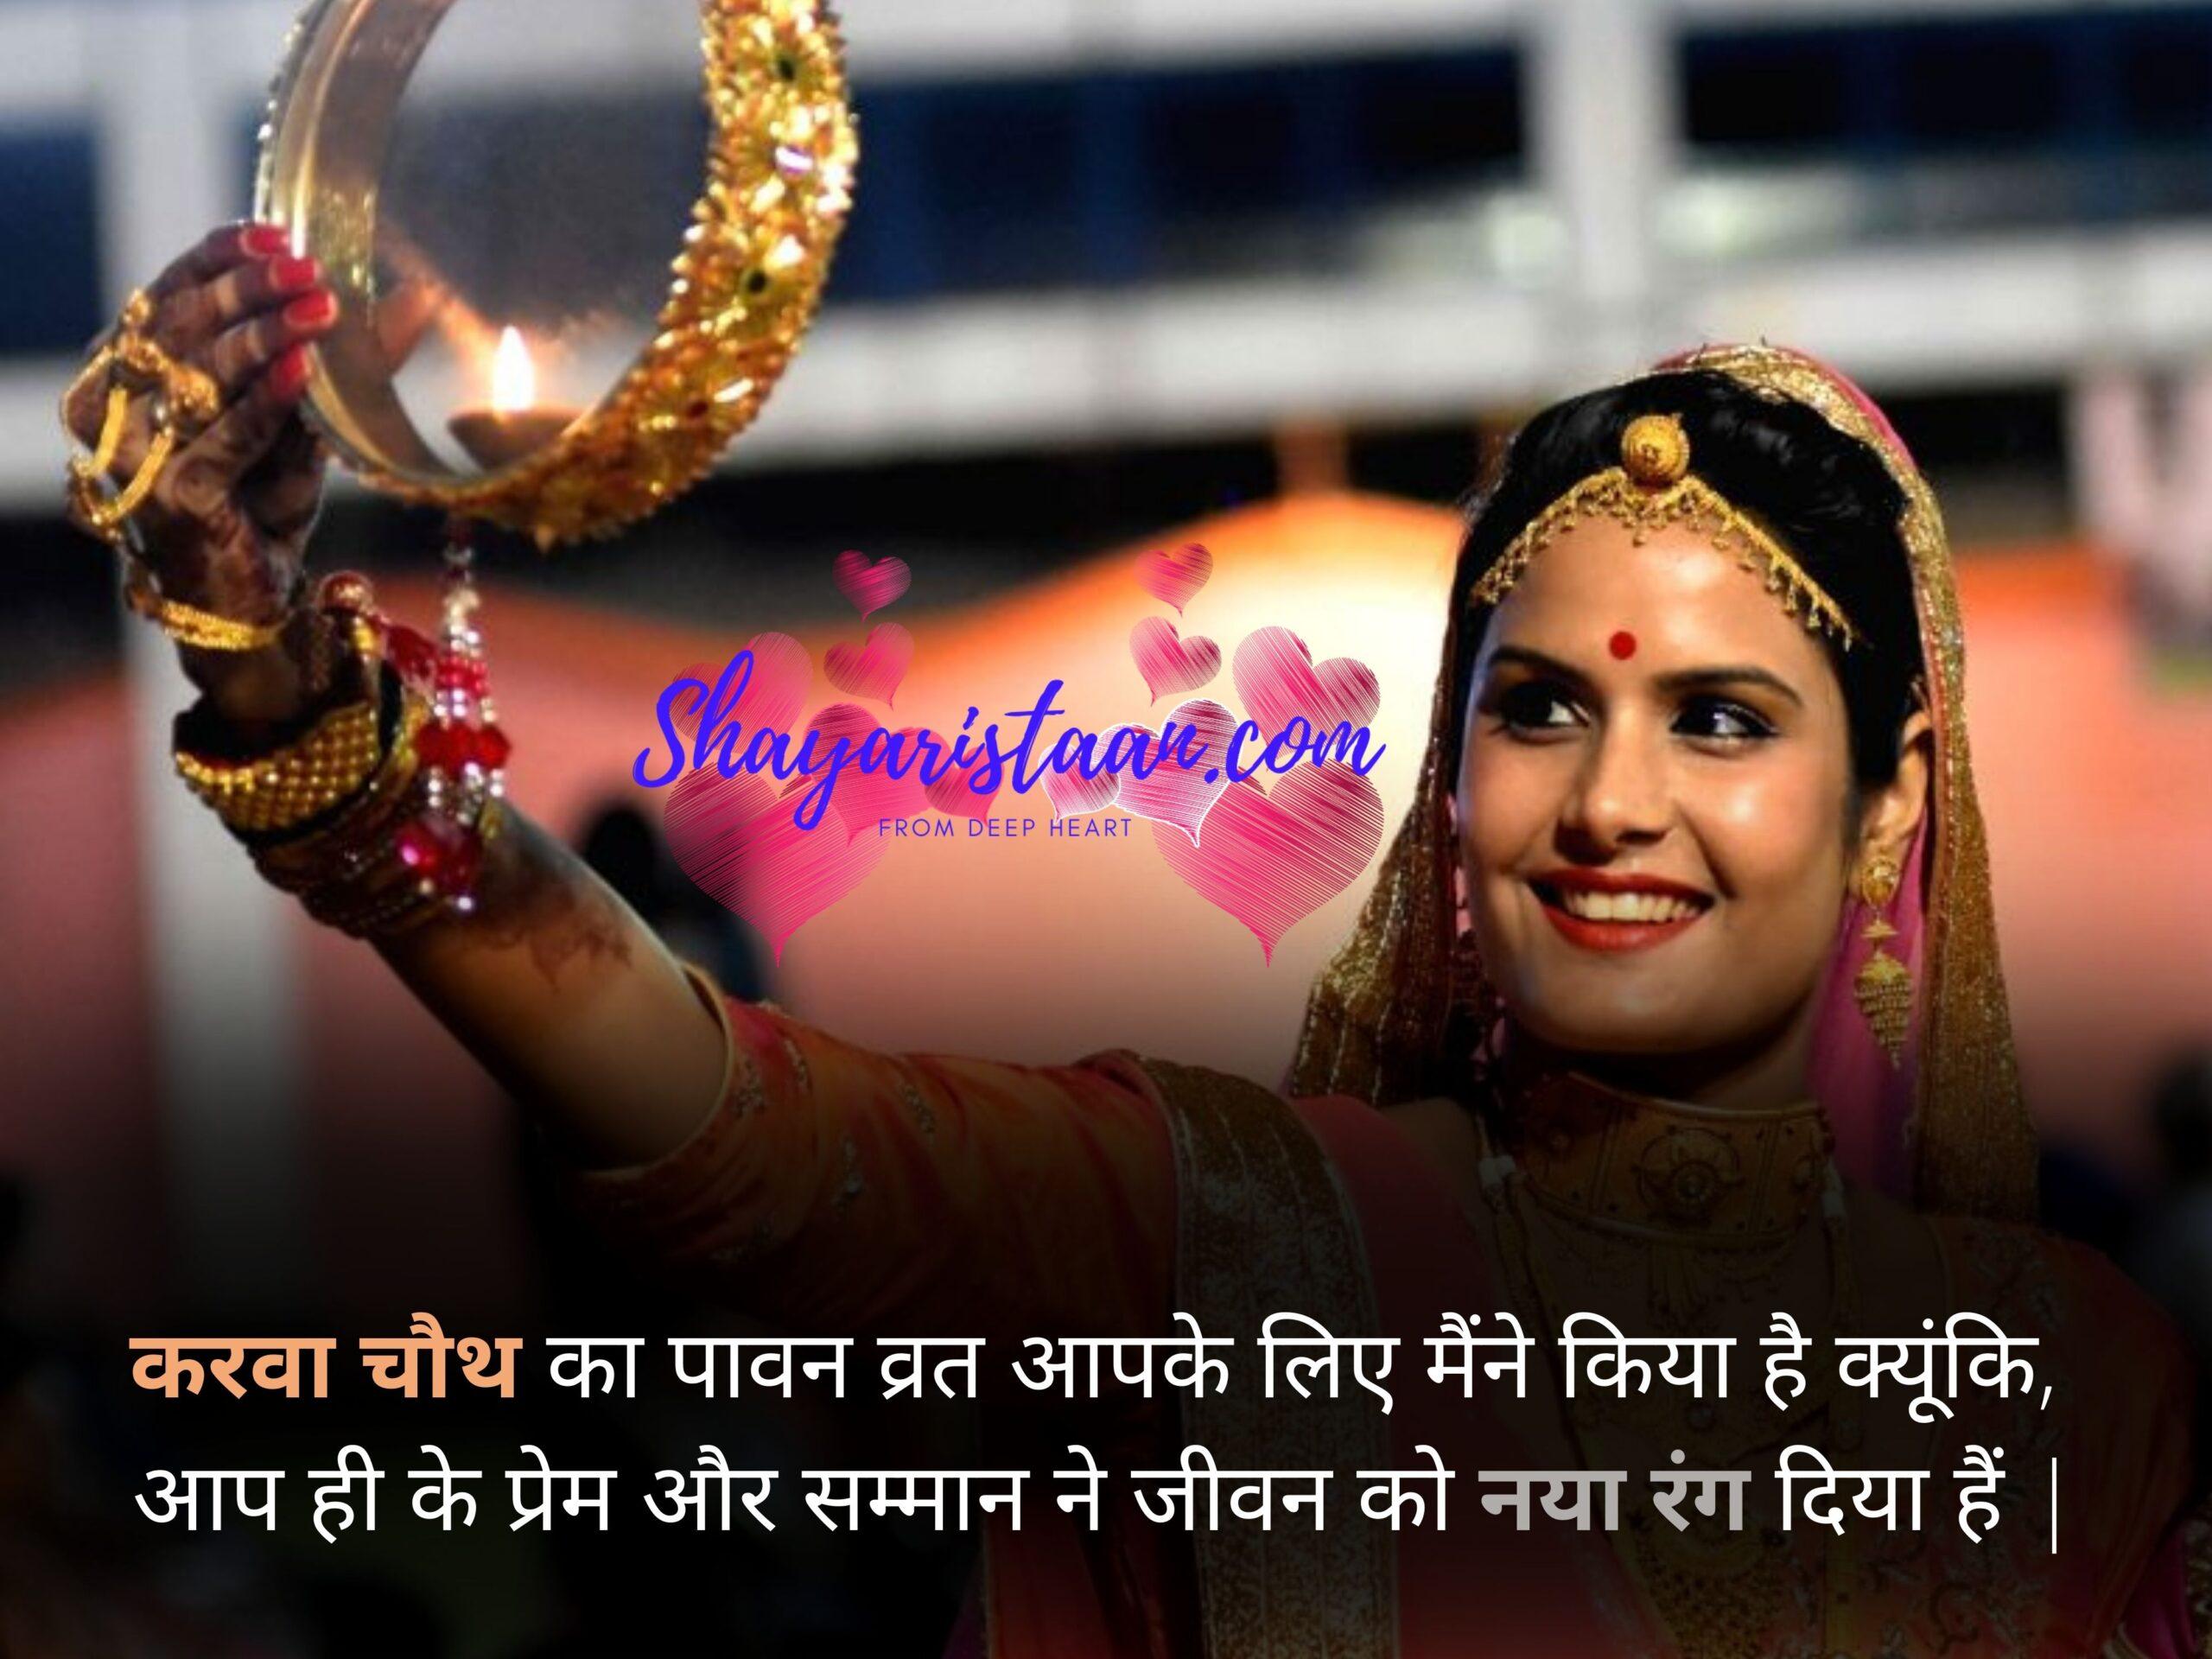 karva chauth wishes   करवा चौथ का पावन व्रत, आपके लिए मैंने किया है क्यूंकि, आप ही के प्रेम और सम्मान ने, जीवन को नया रंग दिया हैं  